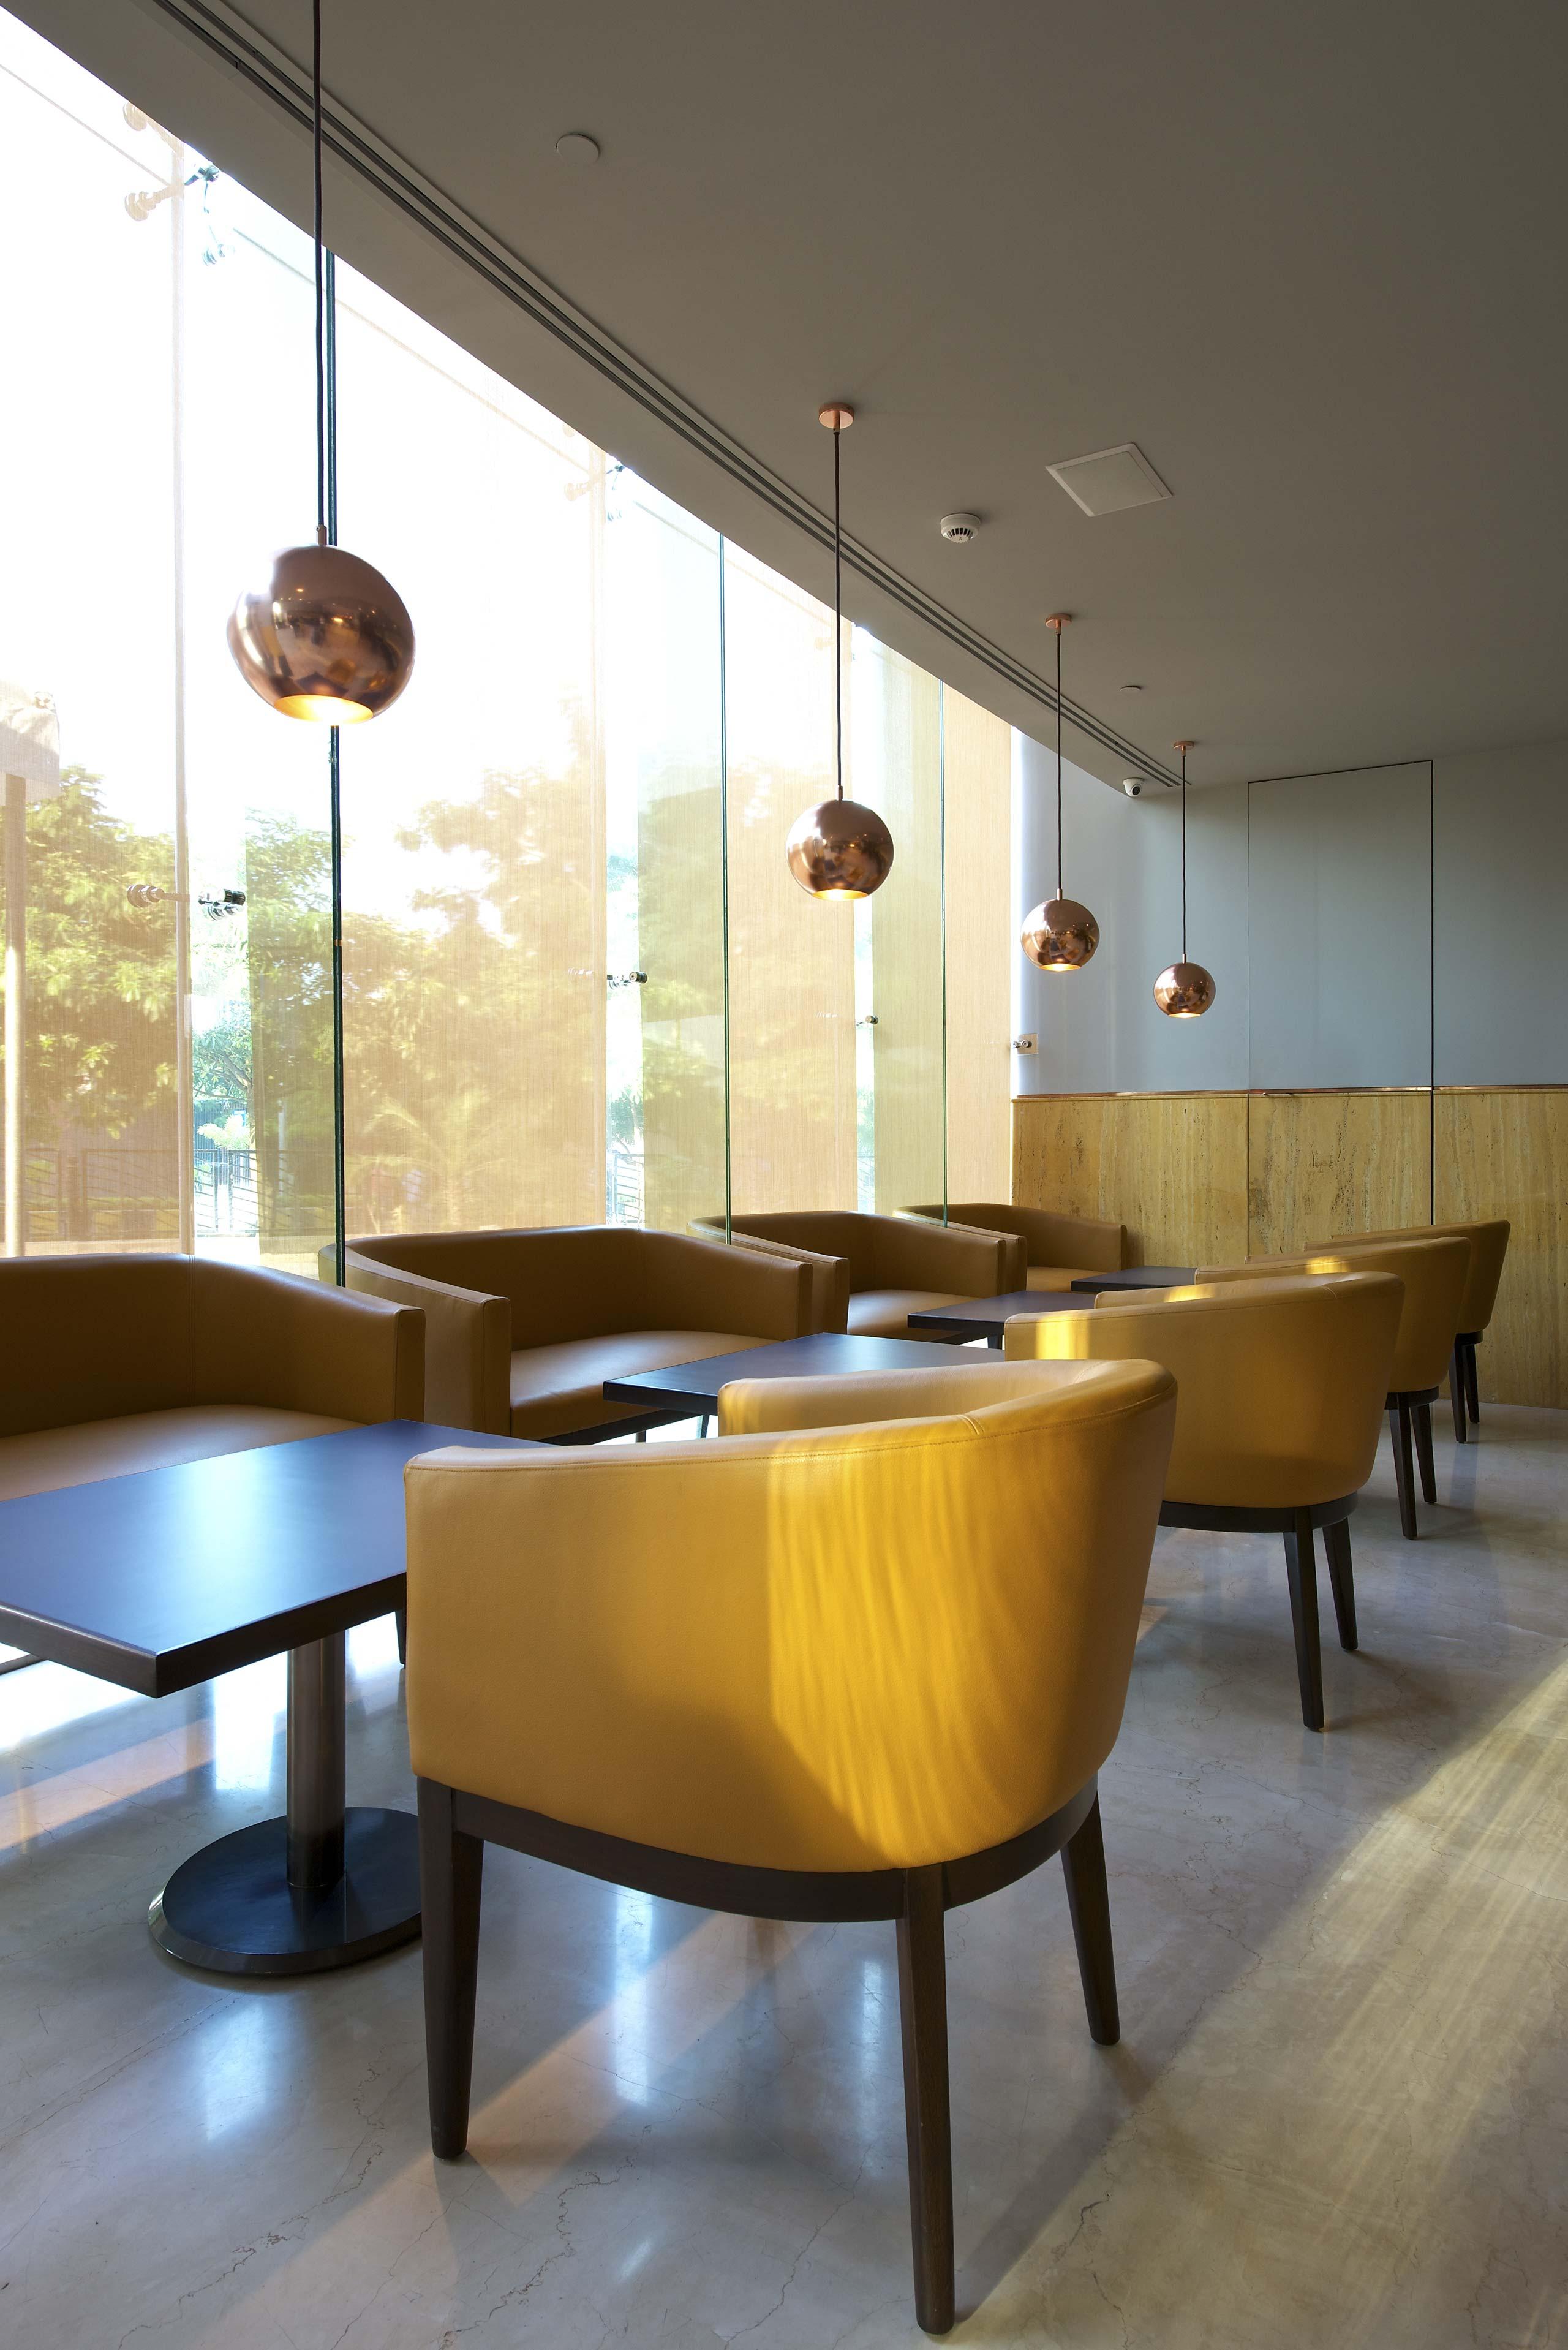 Restaurant interior - Otto Infinito